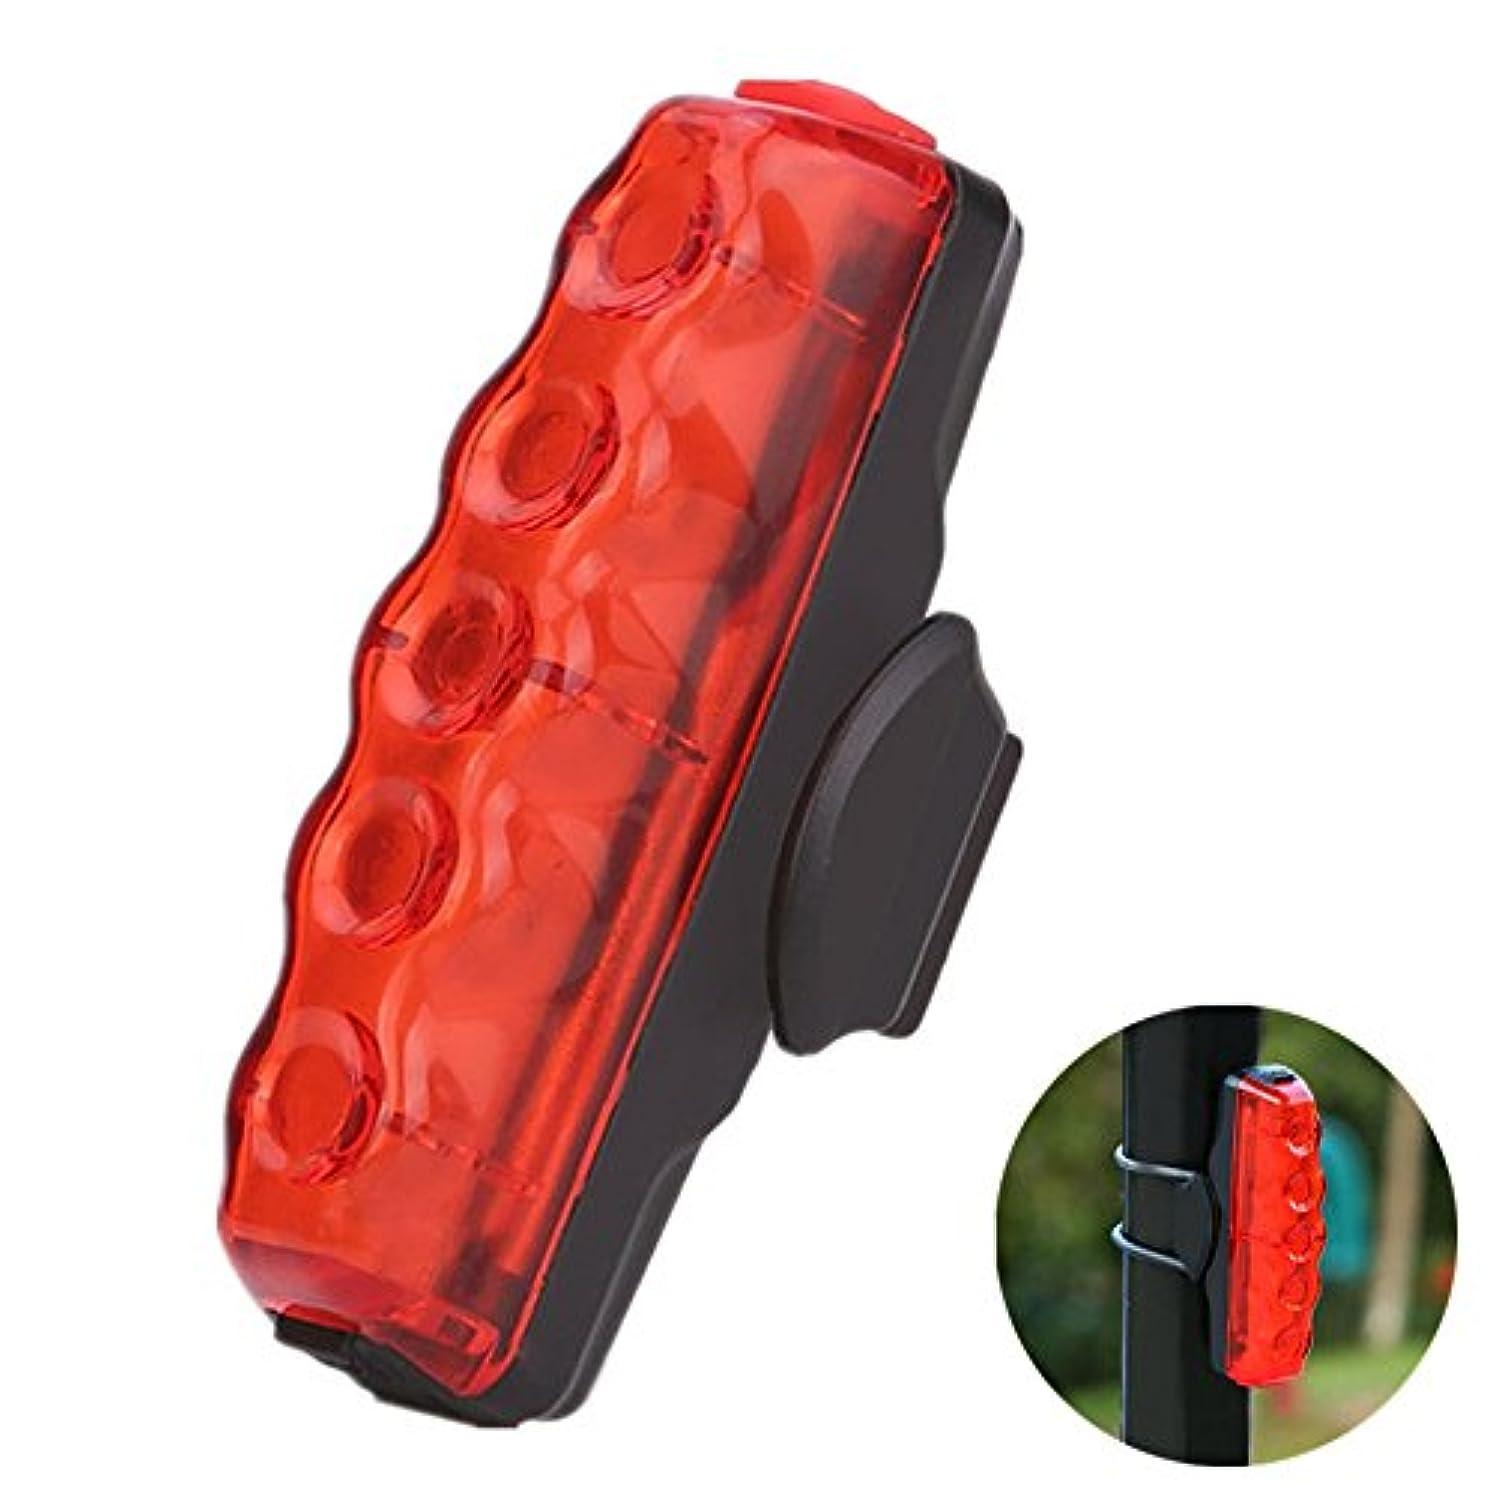 支配する神経障害ベットUSB充電式スーパー明るいCOBバイクテールライト、防水ハイライトテールライト、夜間の警告灯